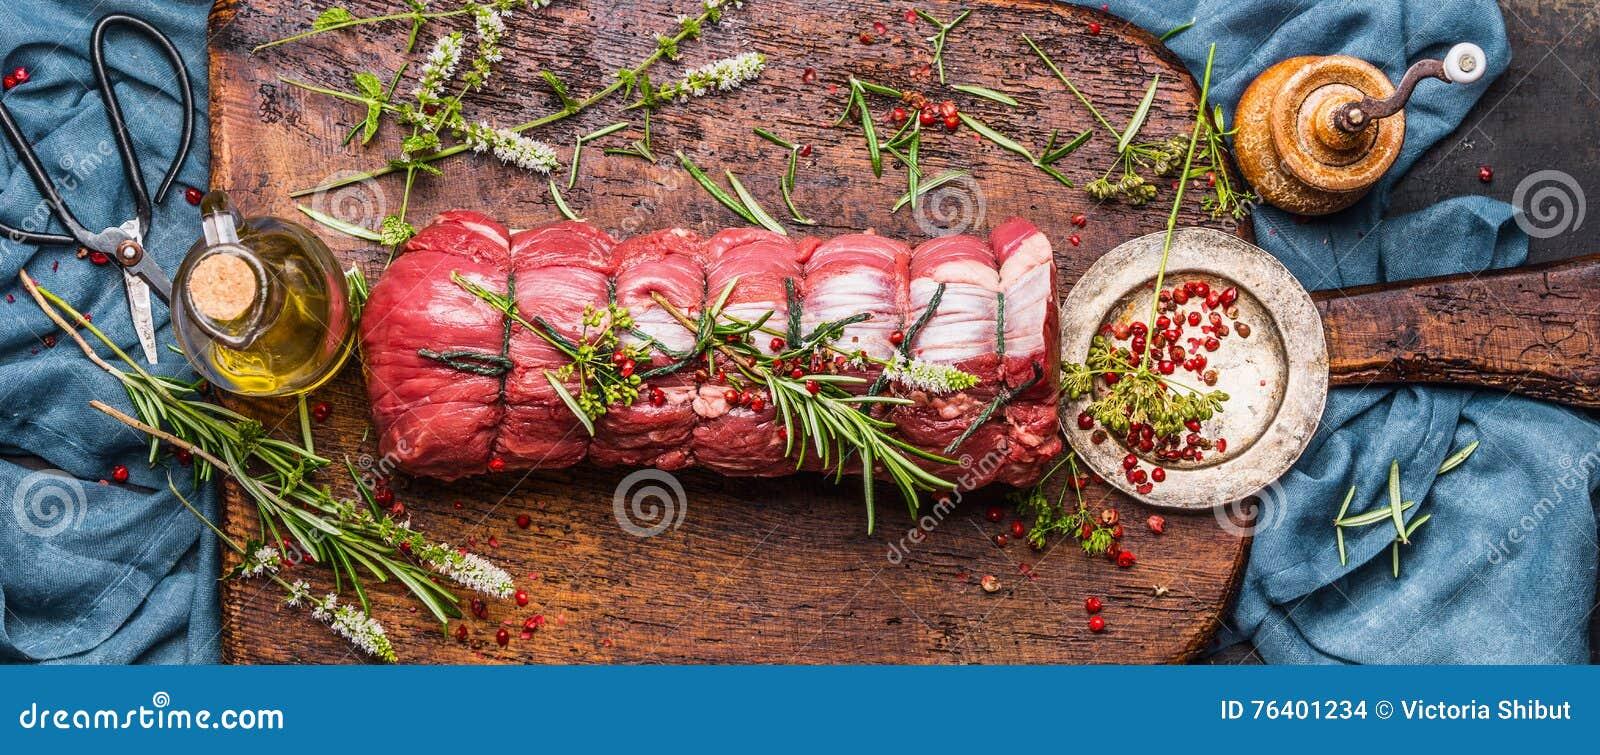 Rått steknötkött med örter som binds med ett rep med matlagningingredienser, olja och kryddor på lantlig bakgrund, bästa sikt